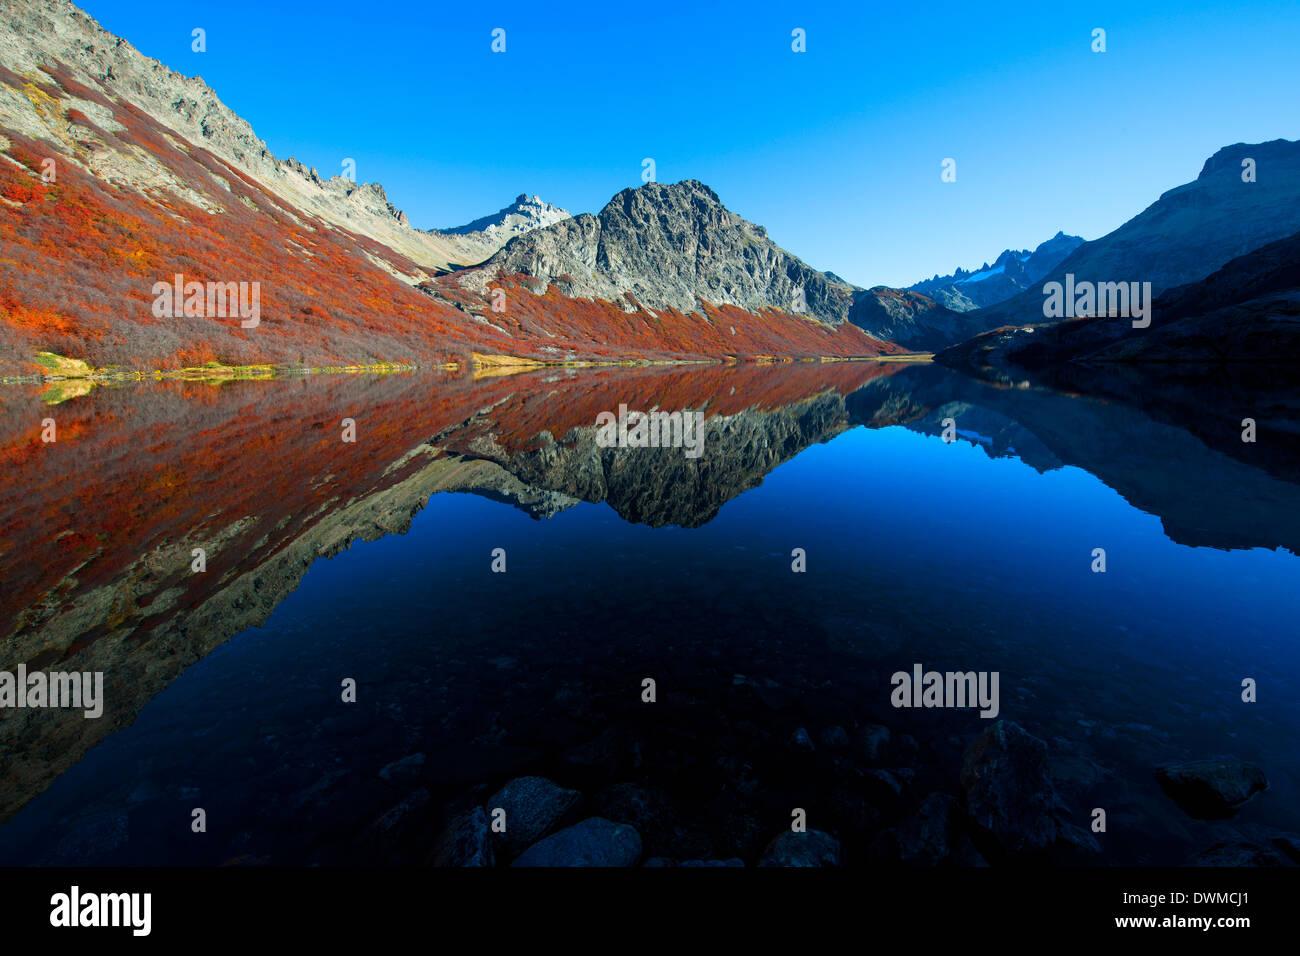 Jakob Lagune at 1800 meters, San Carlos de Bariloche, Patagonia, Argentina, South America - Stock Image